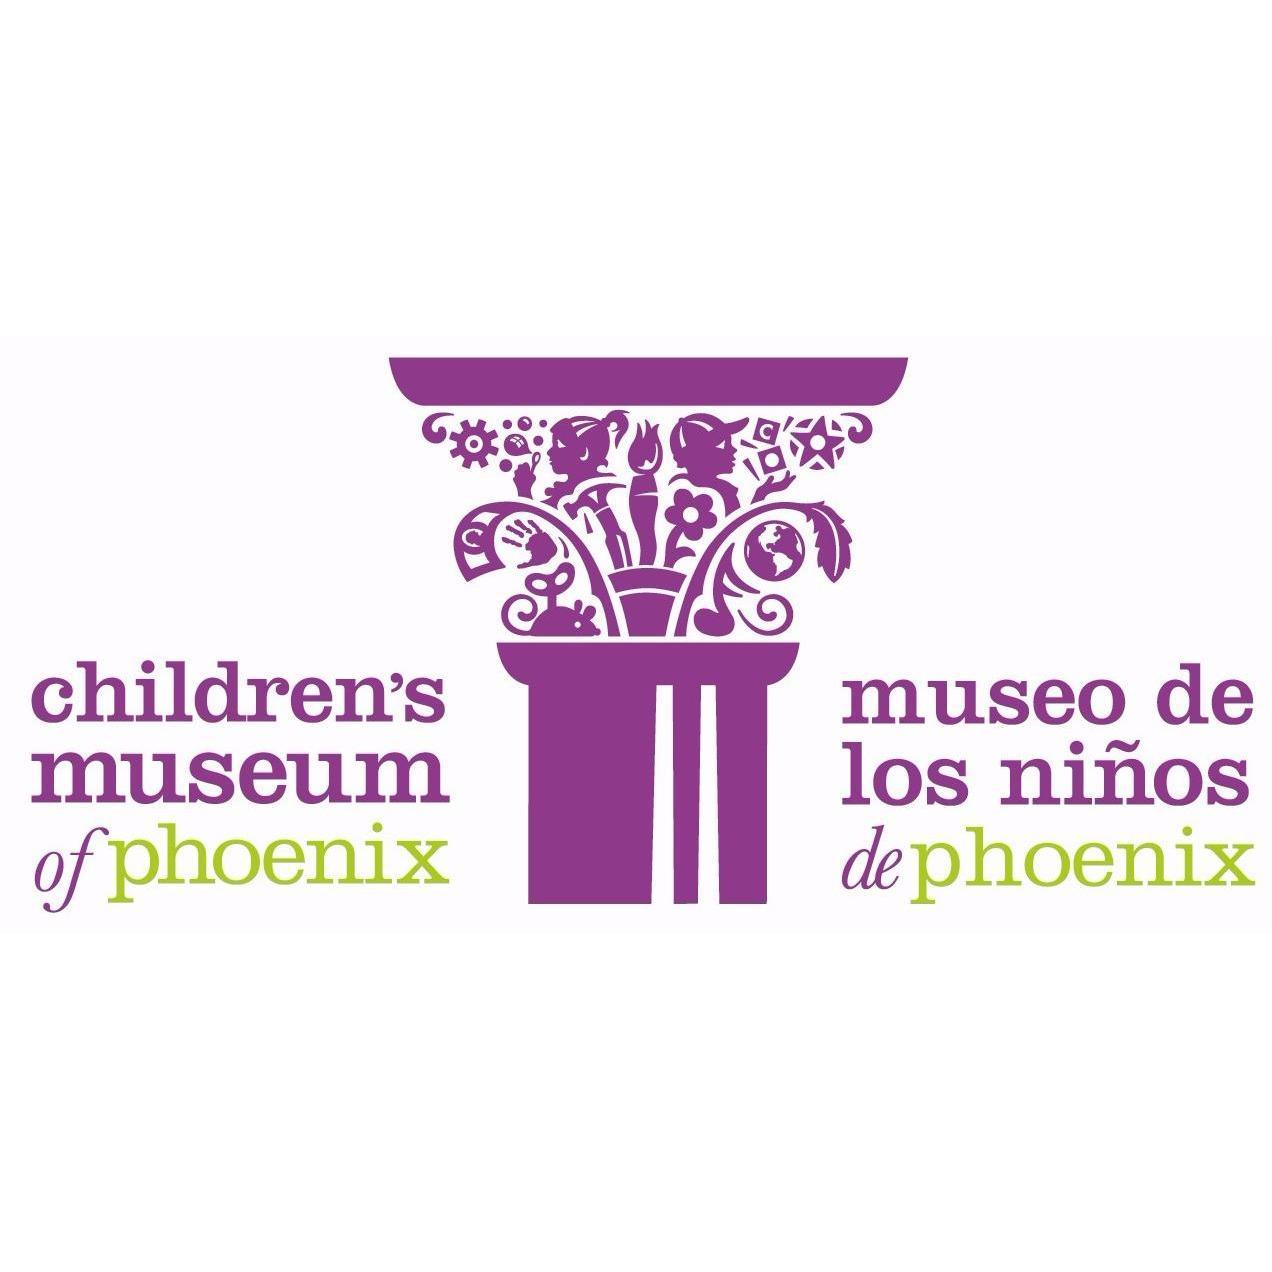 Children's Museum of Phoenix - Phoenix, AZ - Museums & Attractions